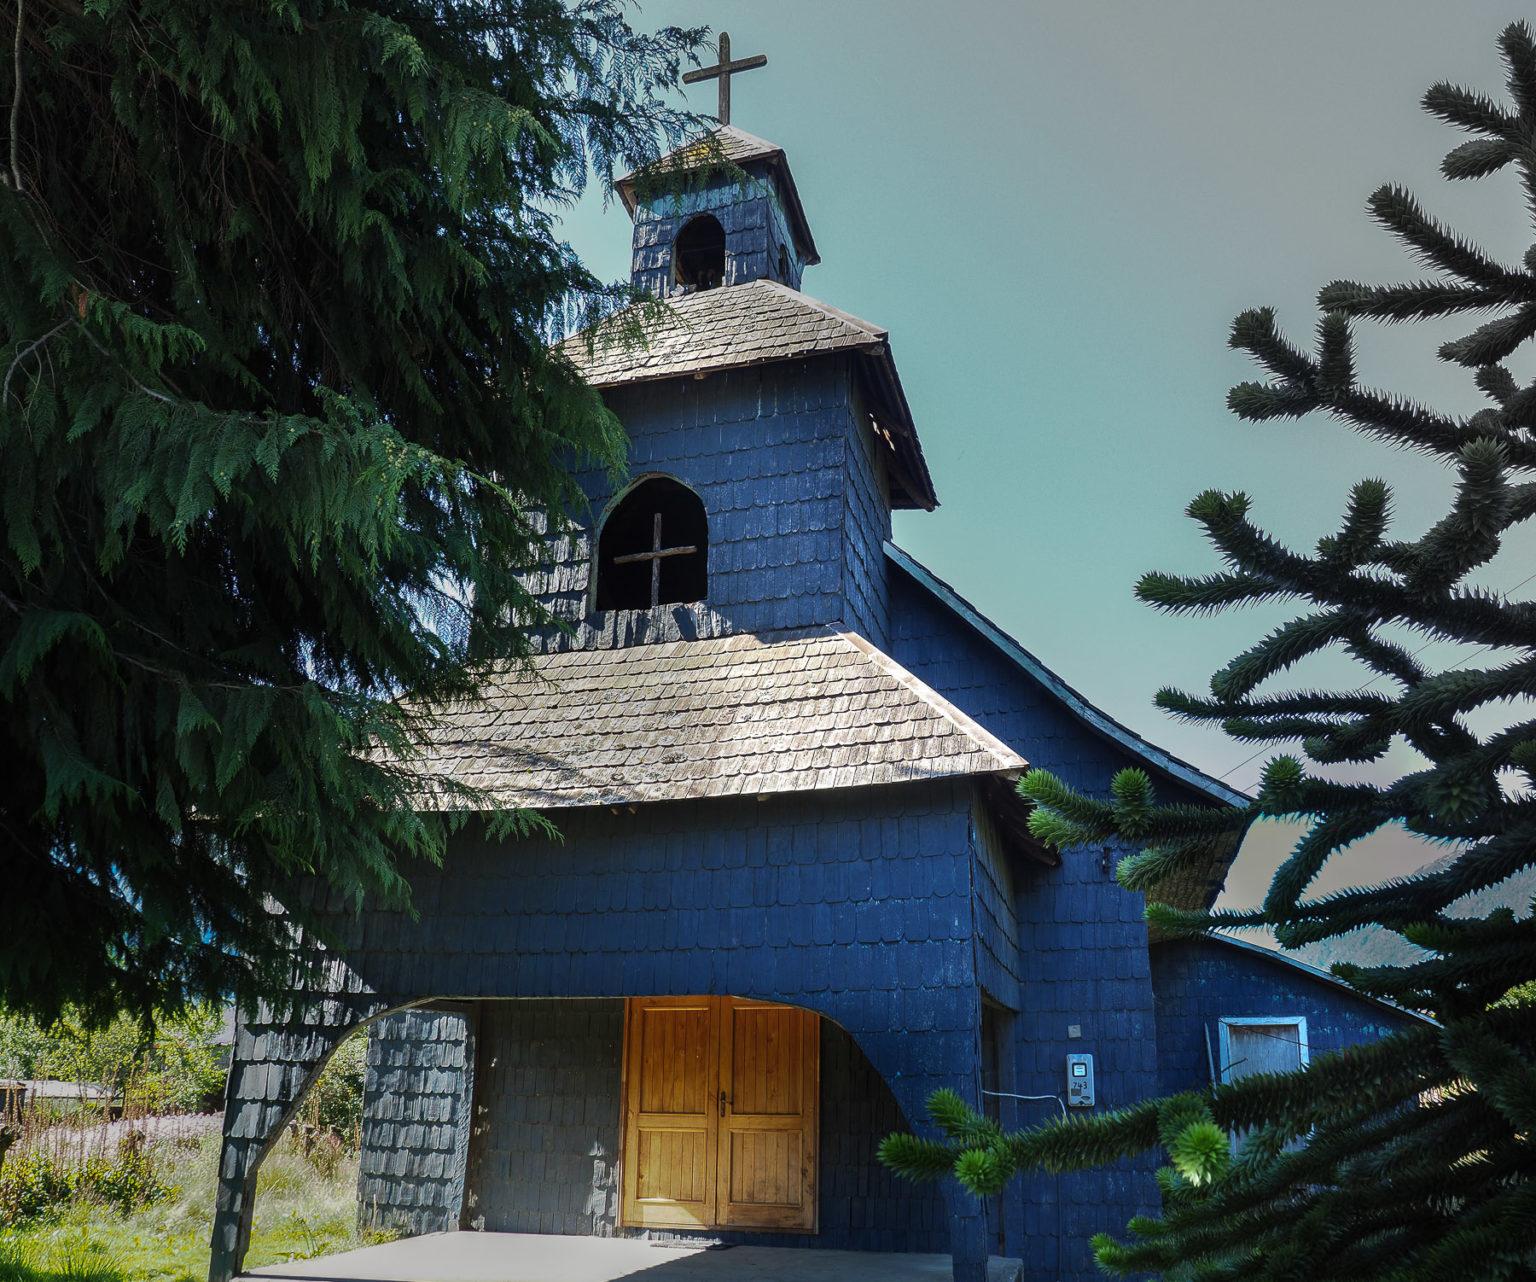 Typische Holzkirche für die Gegend